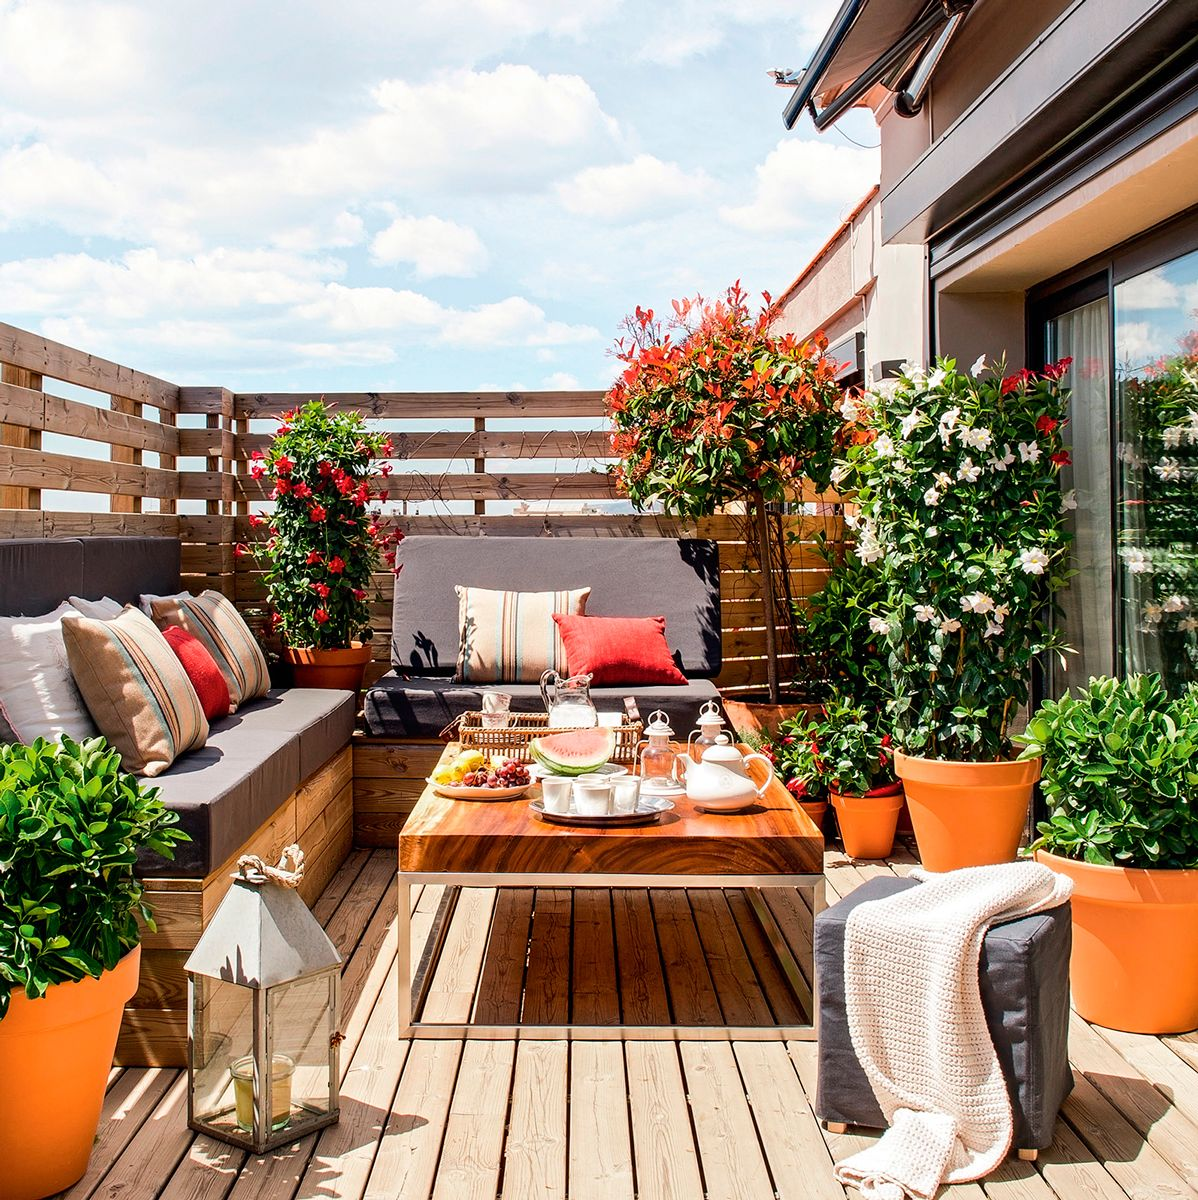 Terraza peque a en madera con bancos con base de madera y for Mobiliario para terrazas pequenas